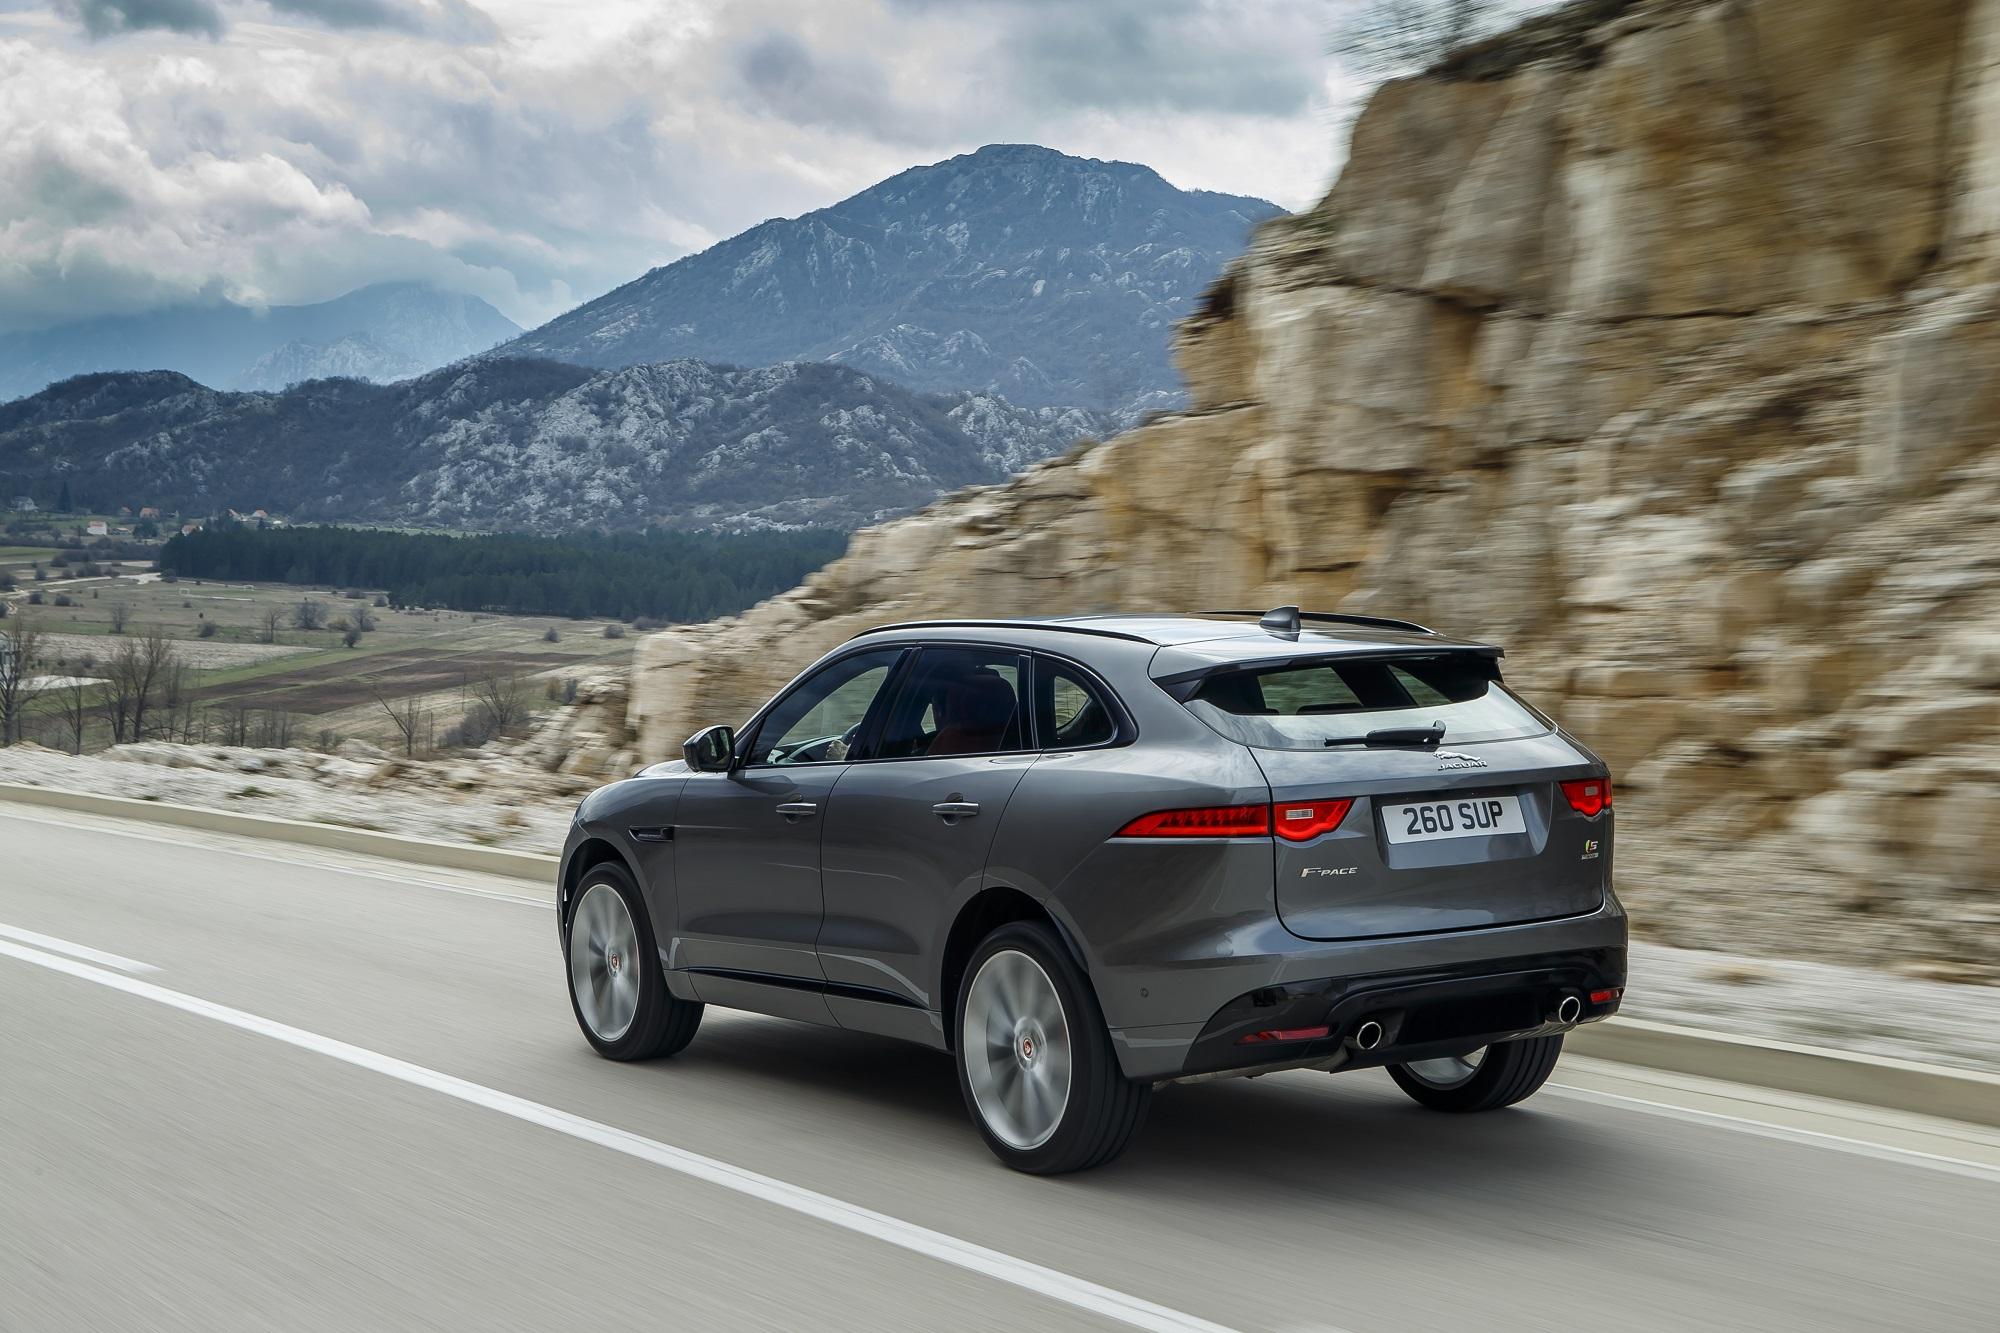 Jaguar F-PACE SUV 2019 News Updates Changes Options Colors Interior MPG Price Jaguarforums.com